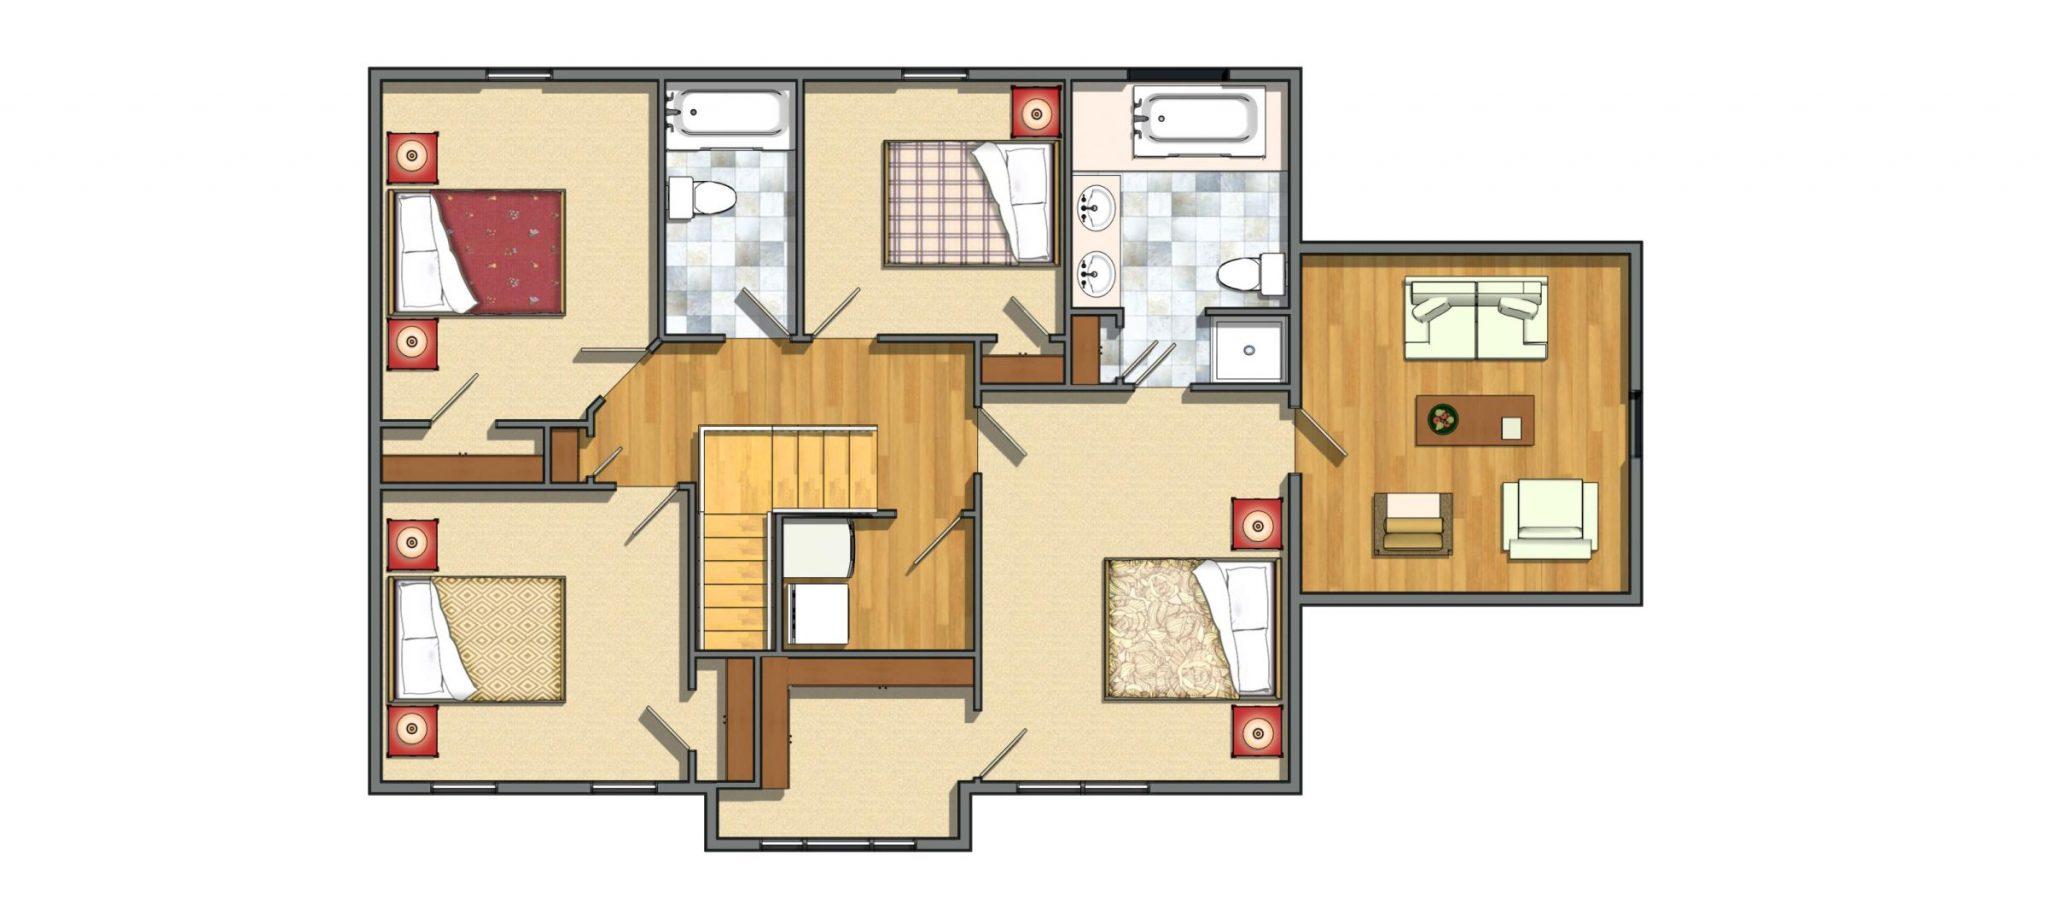 2nd Floor 4 Bedrooms